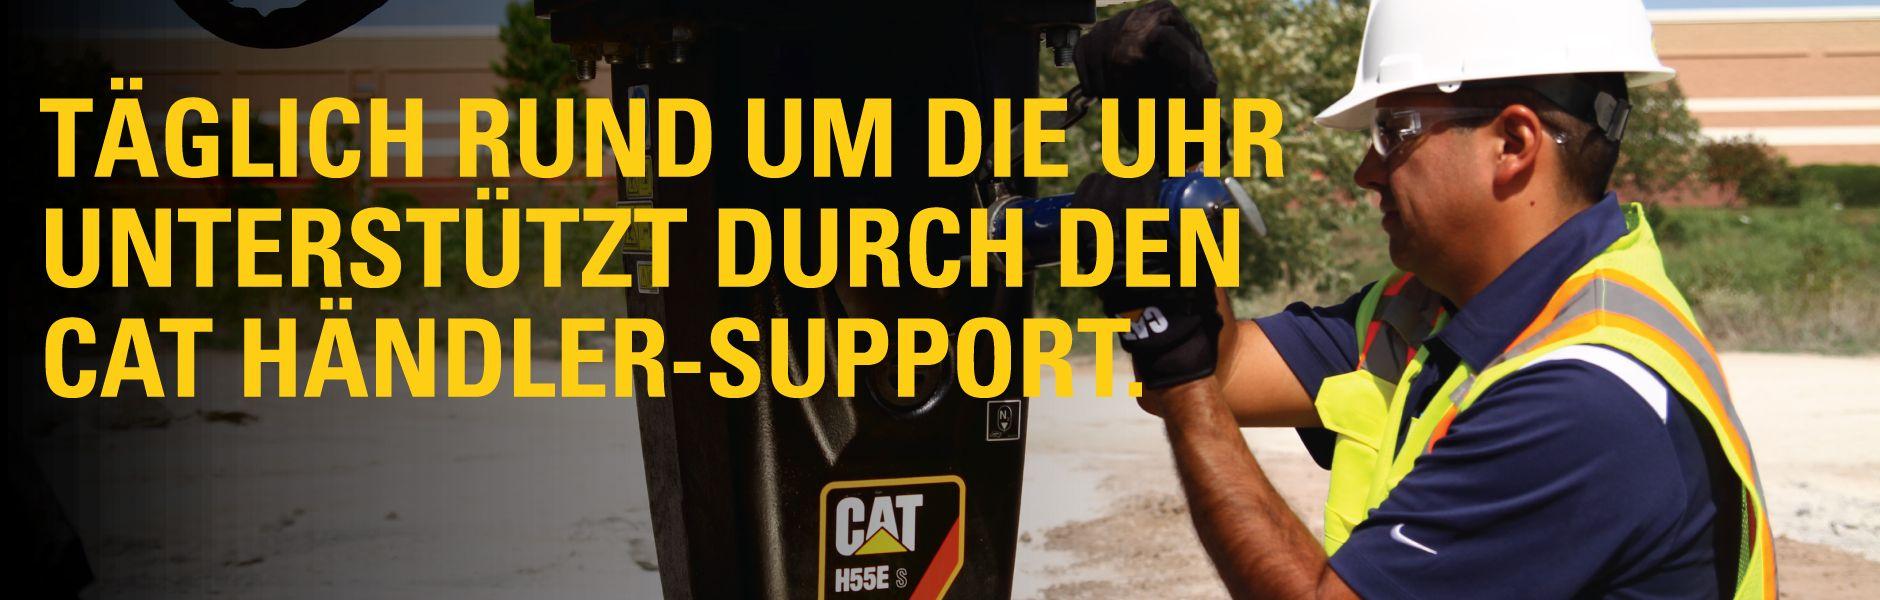 Täglich rund um die Uhr unterstützt durch den CAT Händler-Support.